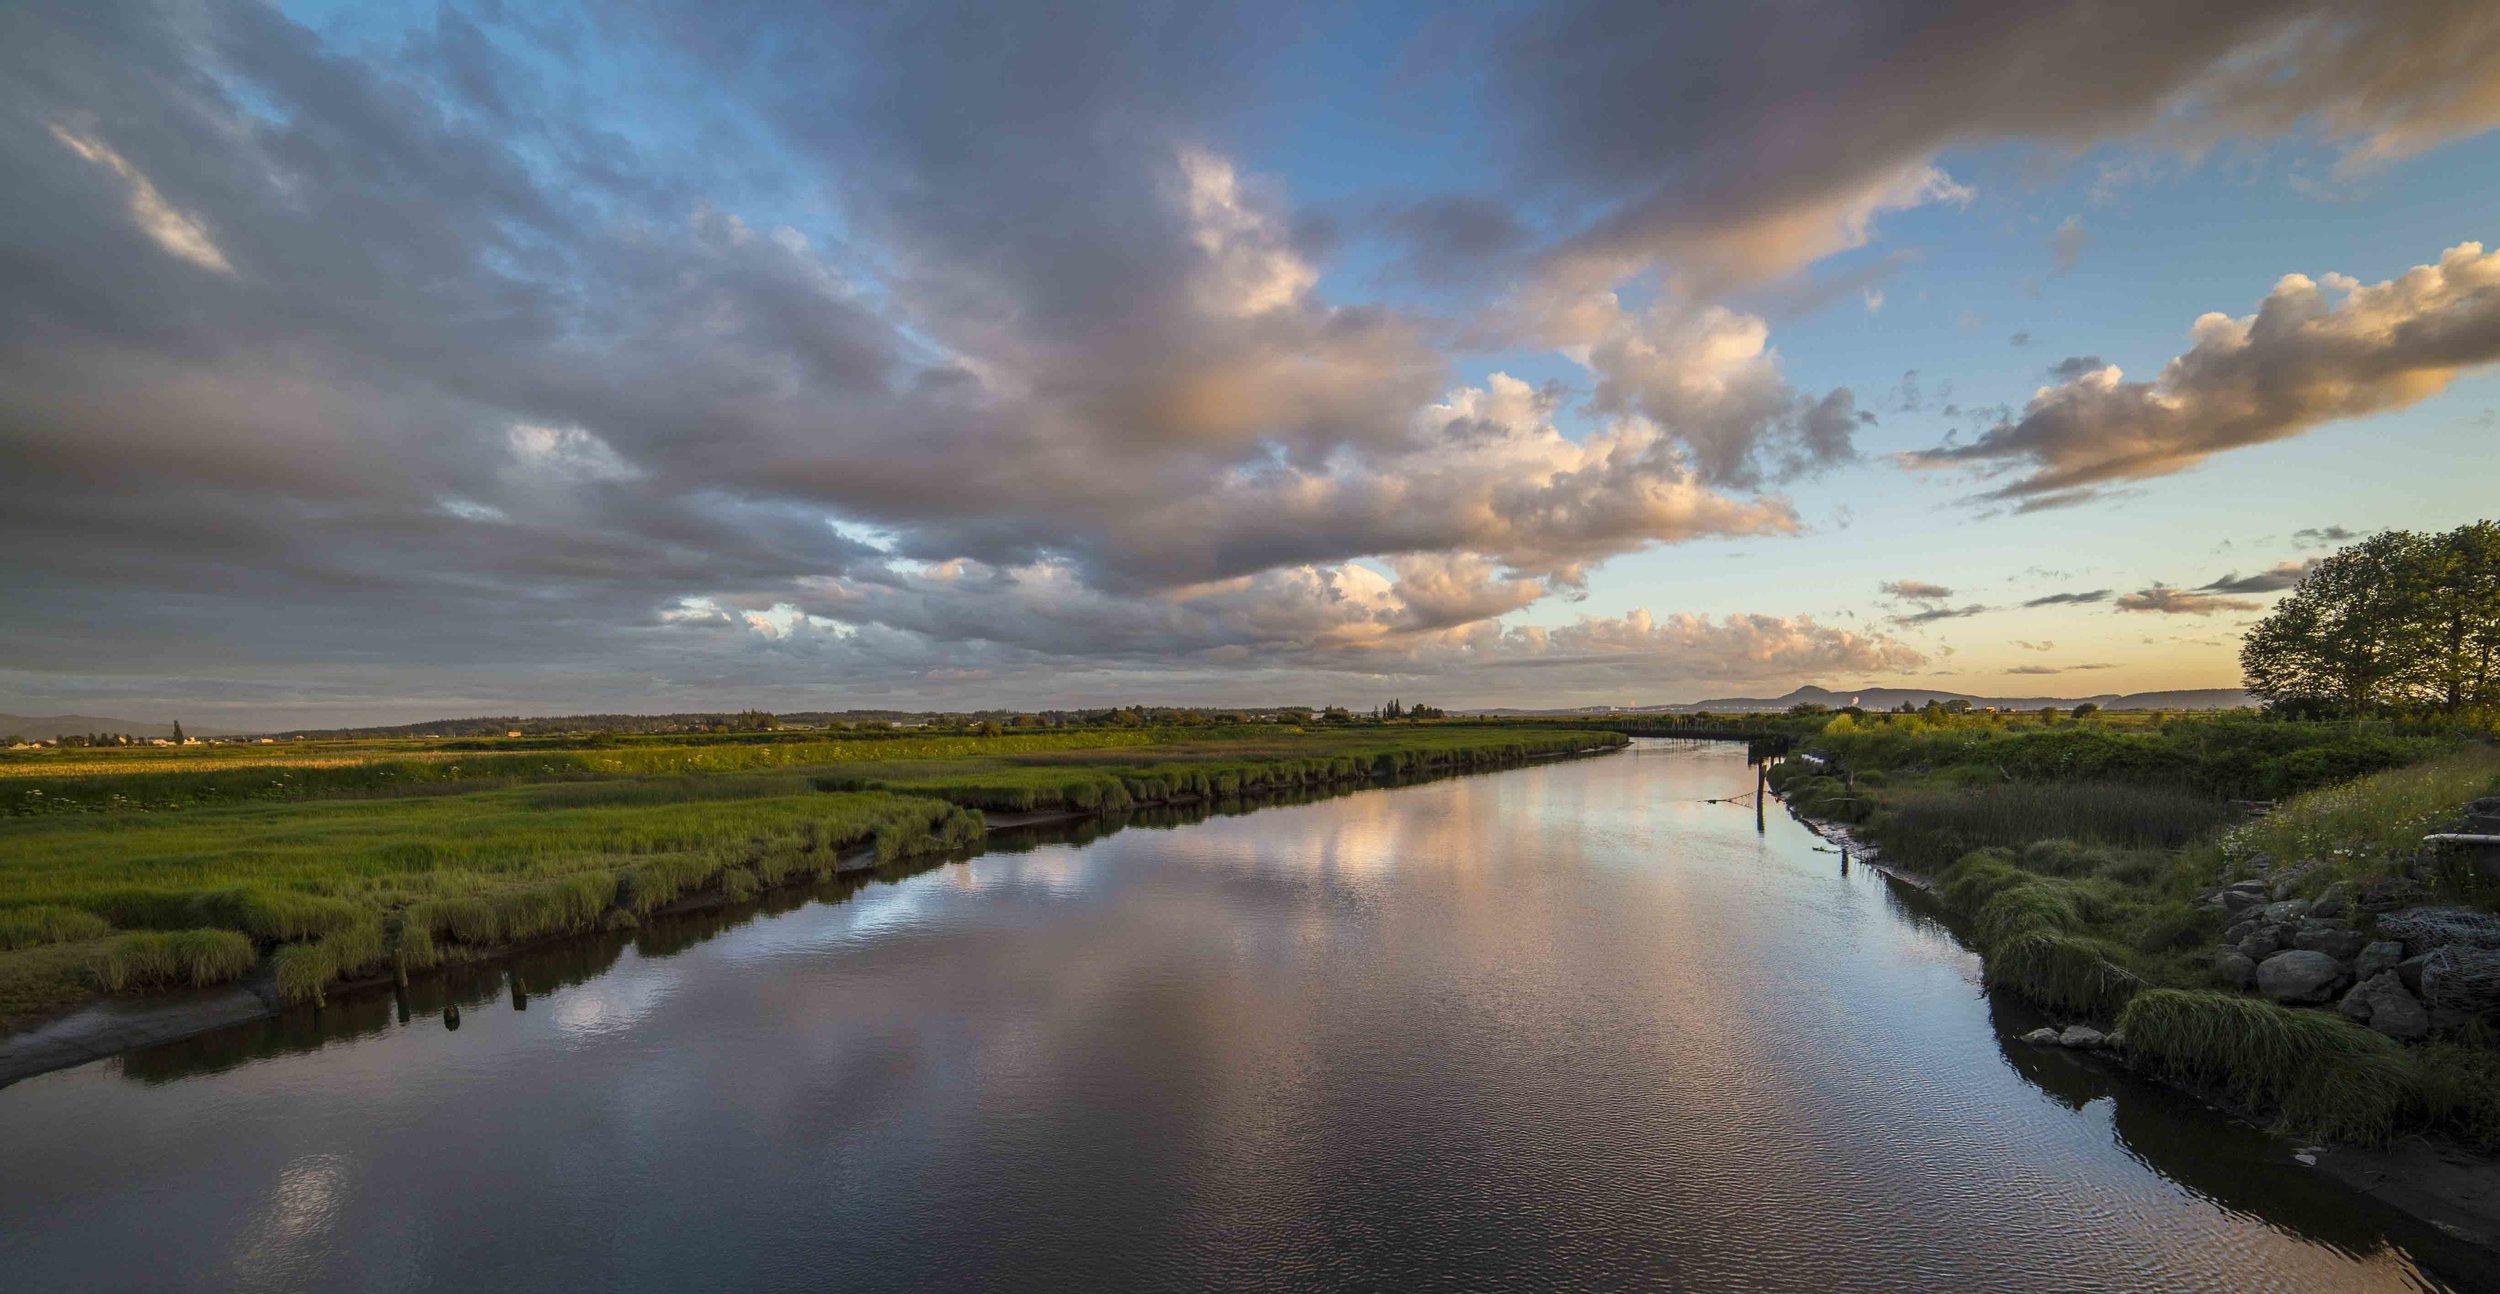 Samish_River_at_Sunset.jpg